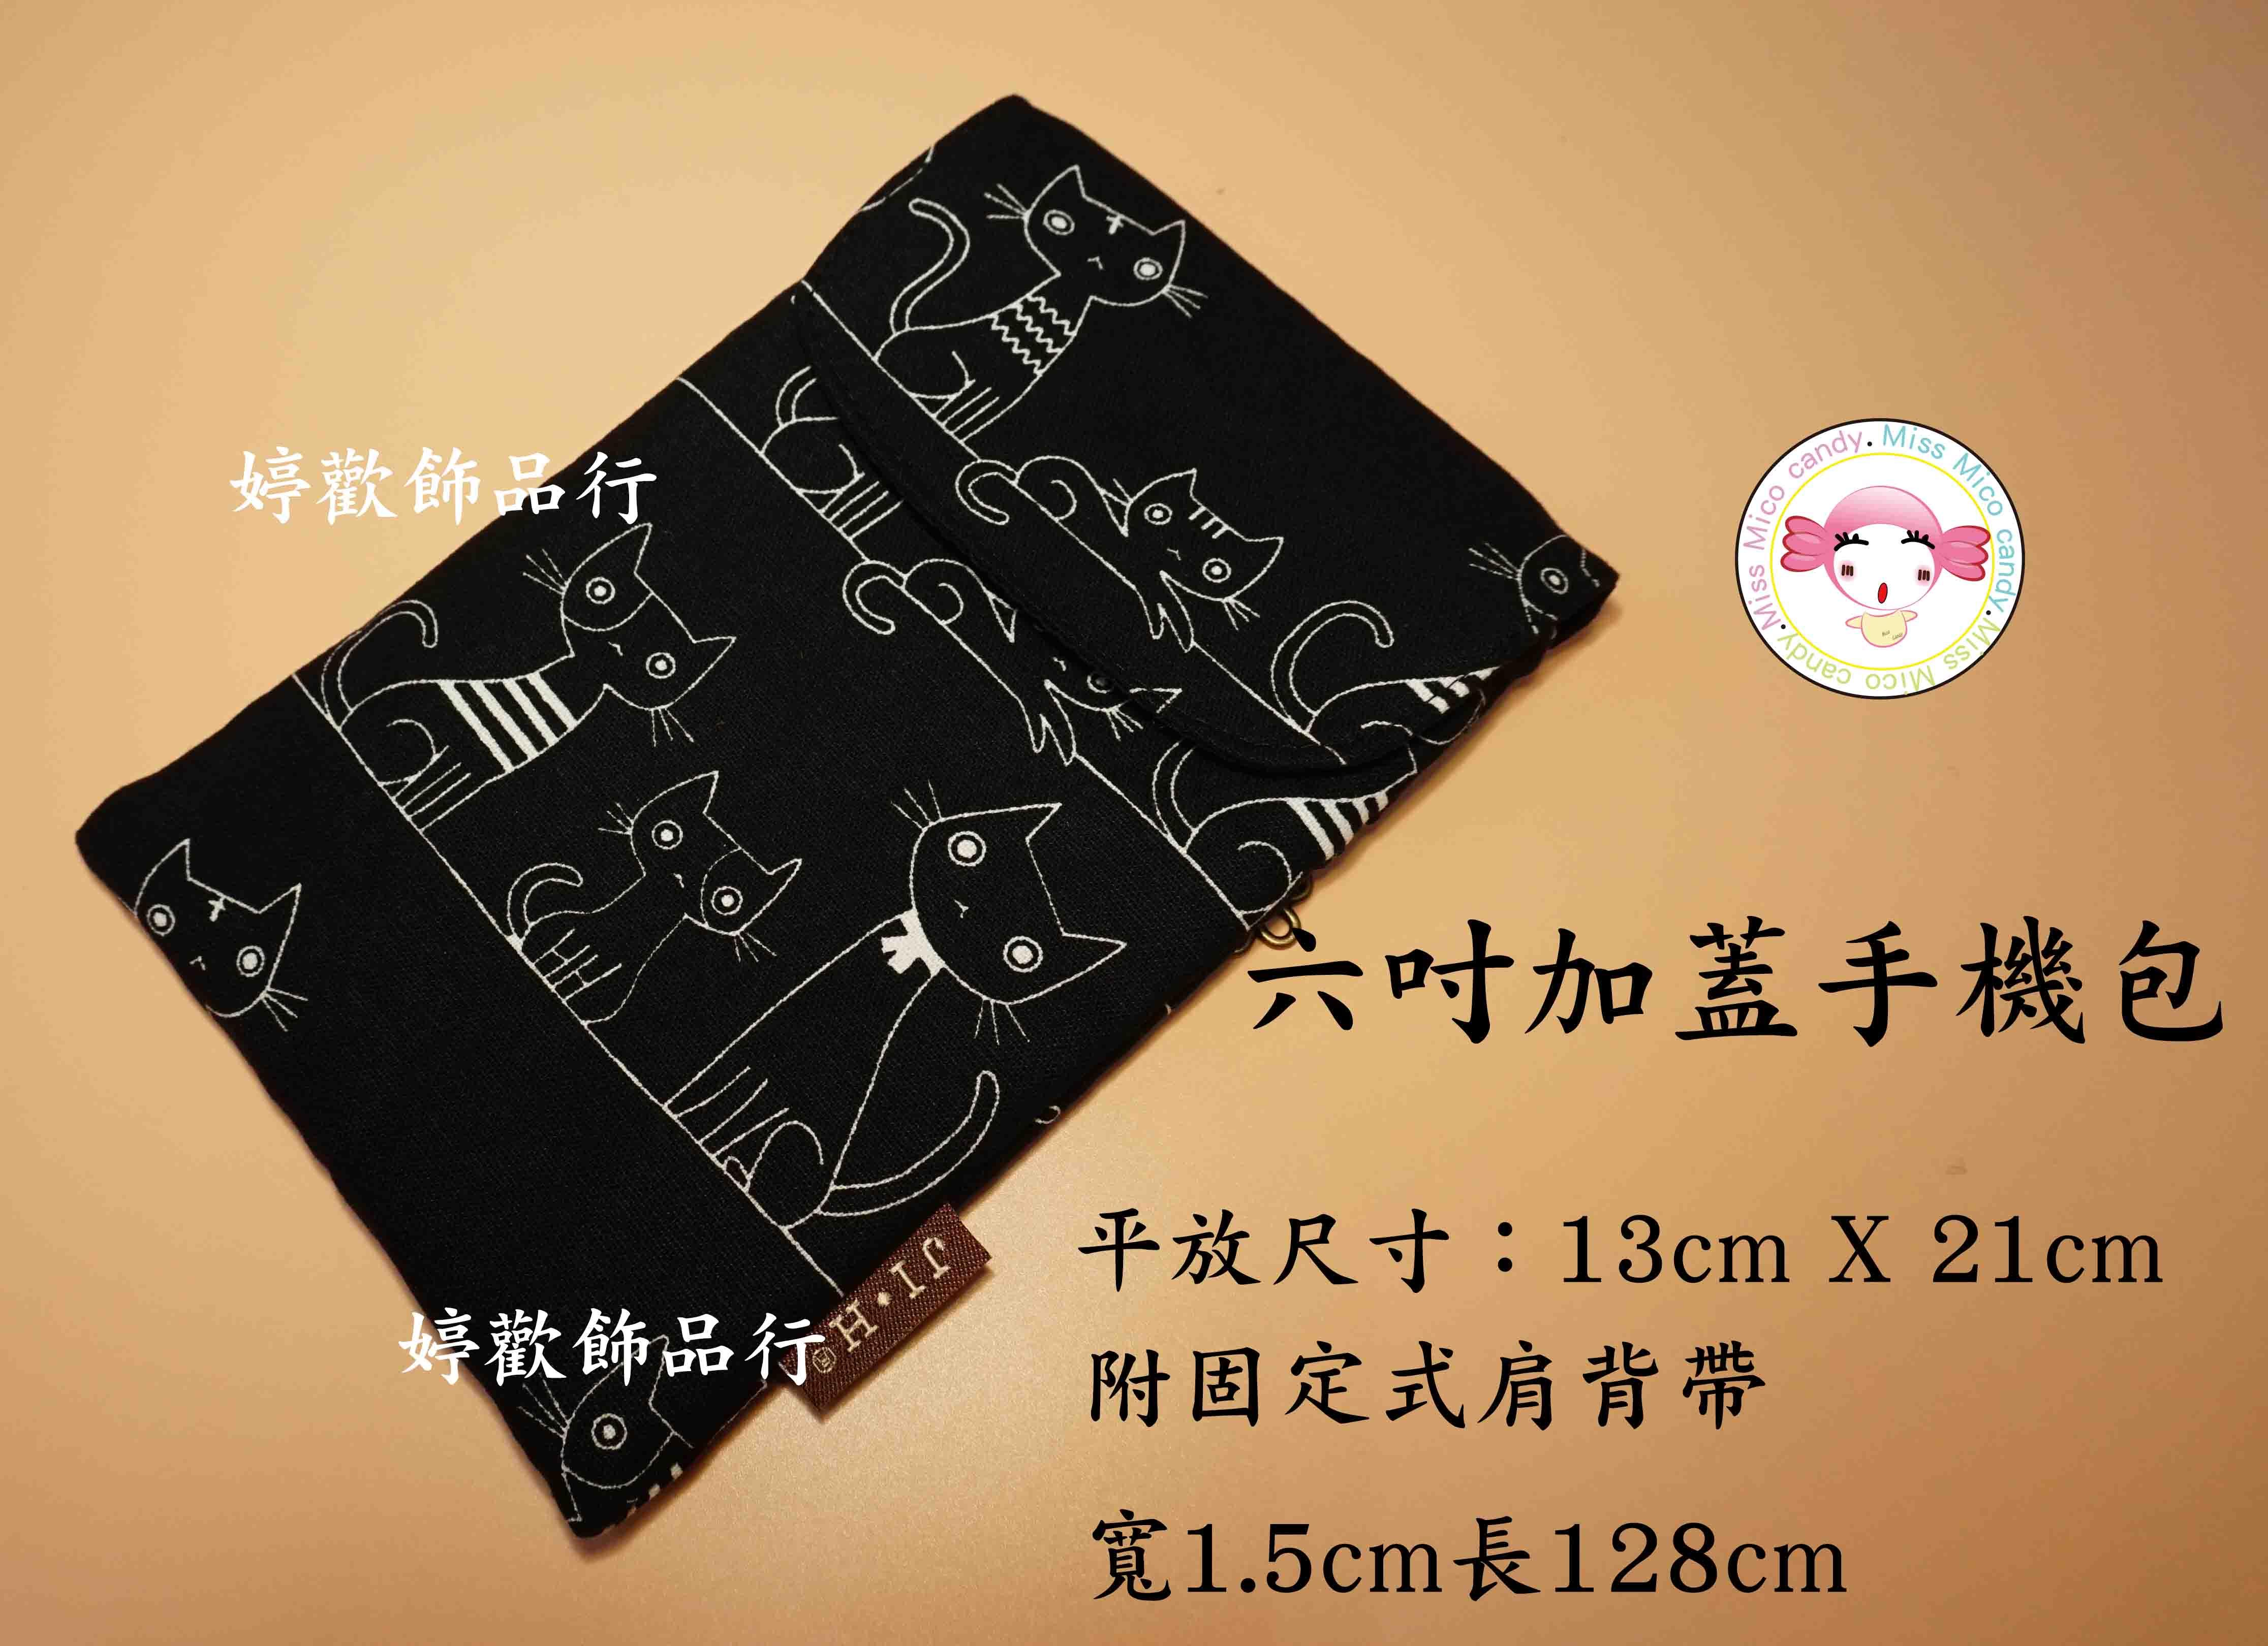 6吋加蓋側背手機袋 相機包『casio zr.sony. Iphone . HTC . Samsung . 小米機』/線條貓